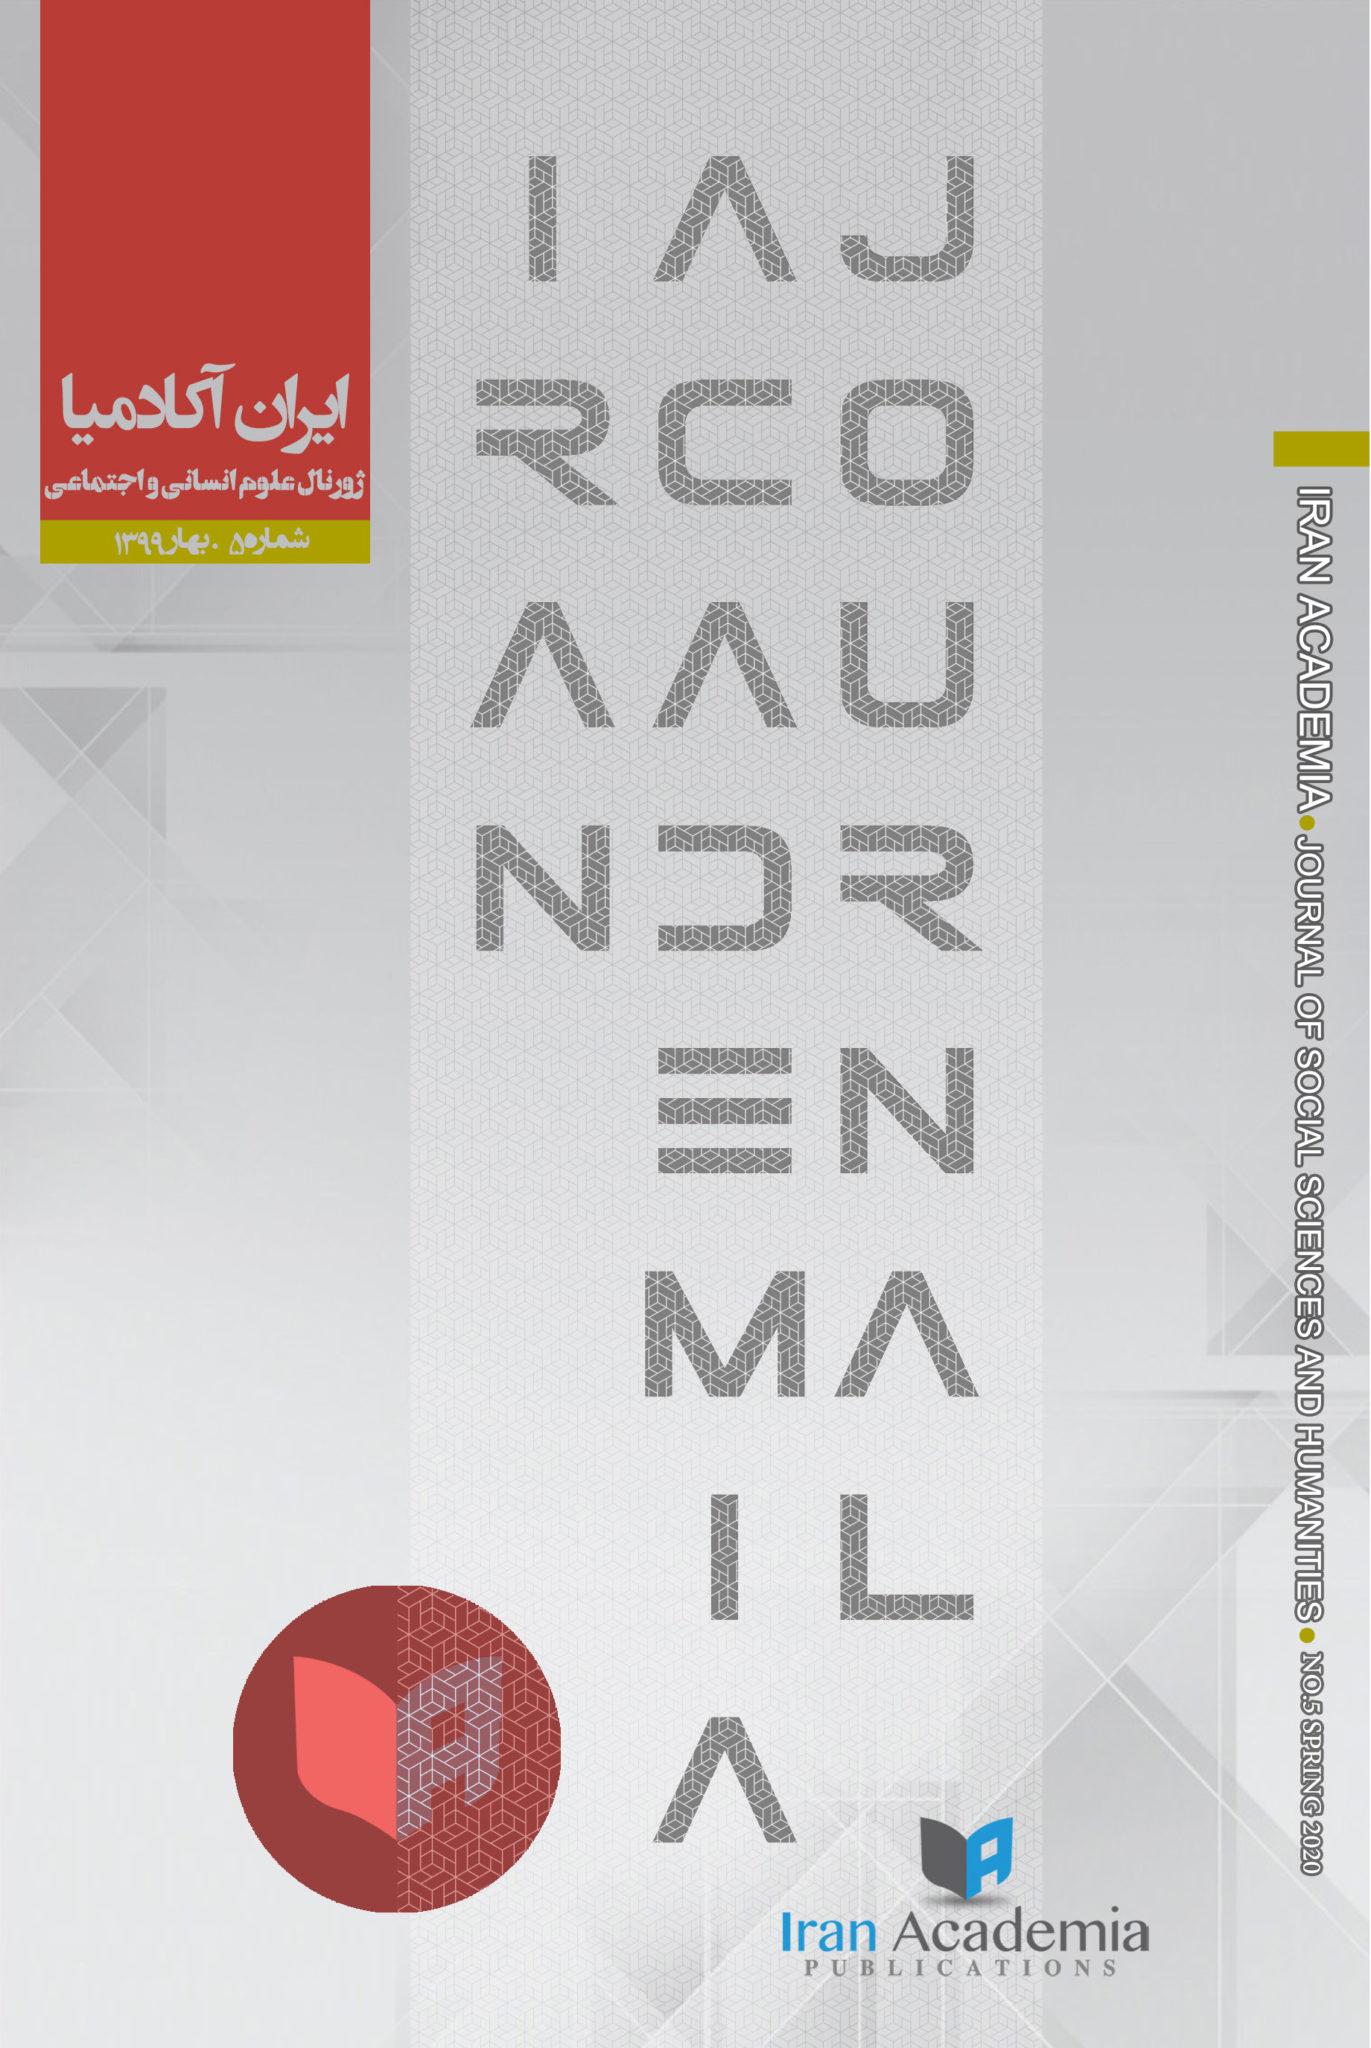 جلد پنجمین شماره ژورنال ایران آکادمیا